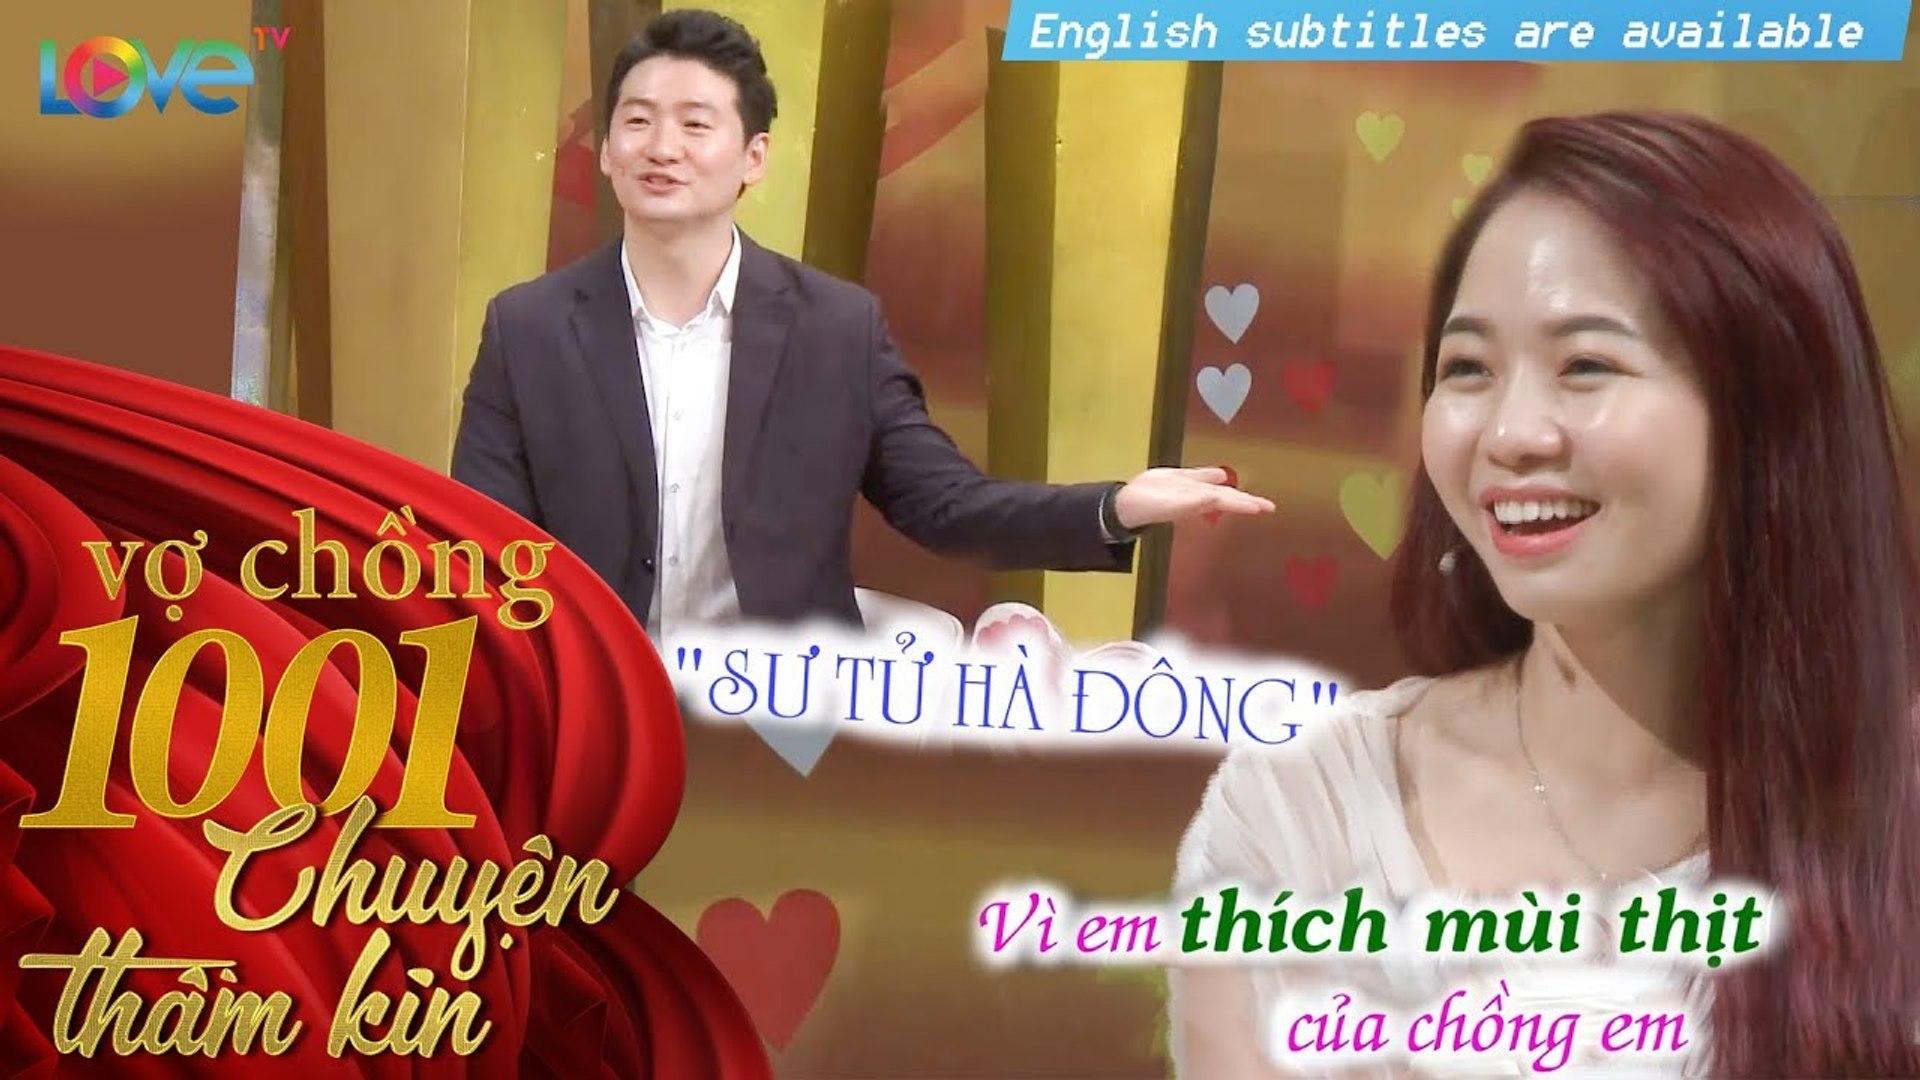 BẤT NGỜ thành MÓN ĂN của SOÁI CA HÀN, hotgirl Hà Nội bỗng hóa SƯ TỬ HÀ ĐÔNG sau khi làm vợ  |VCS